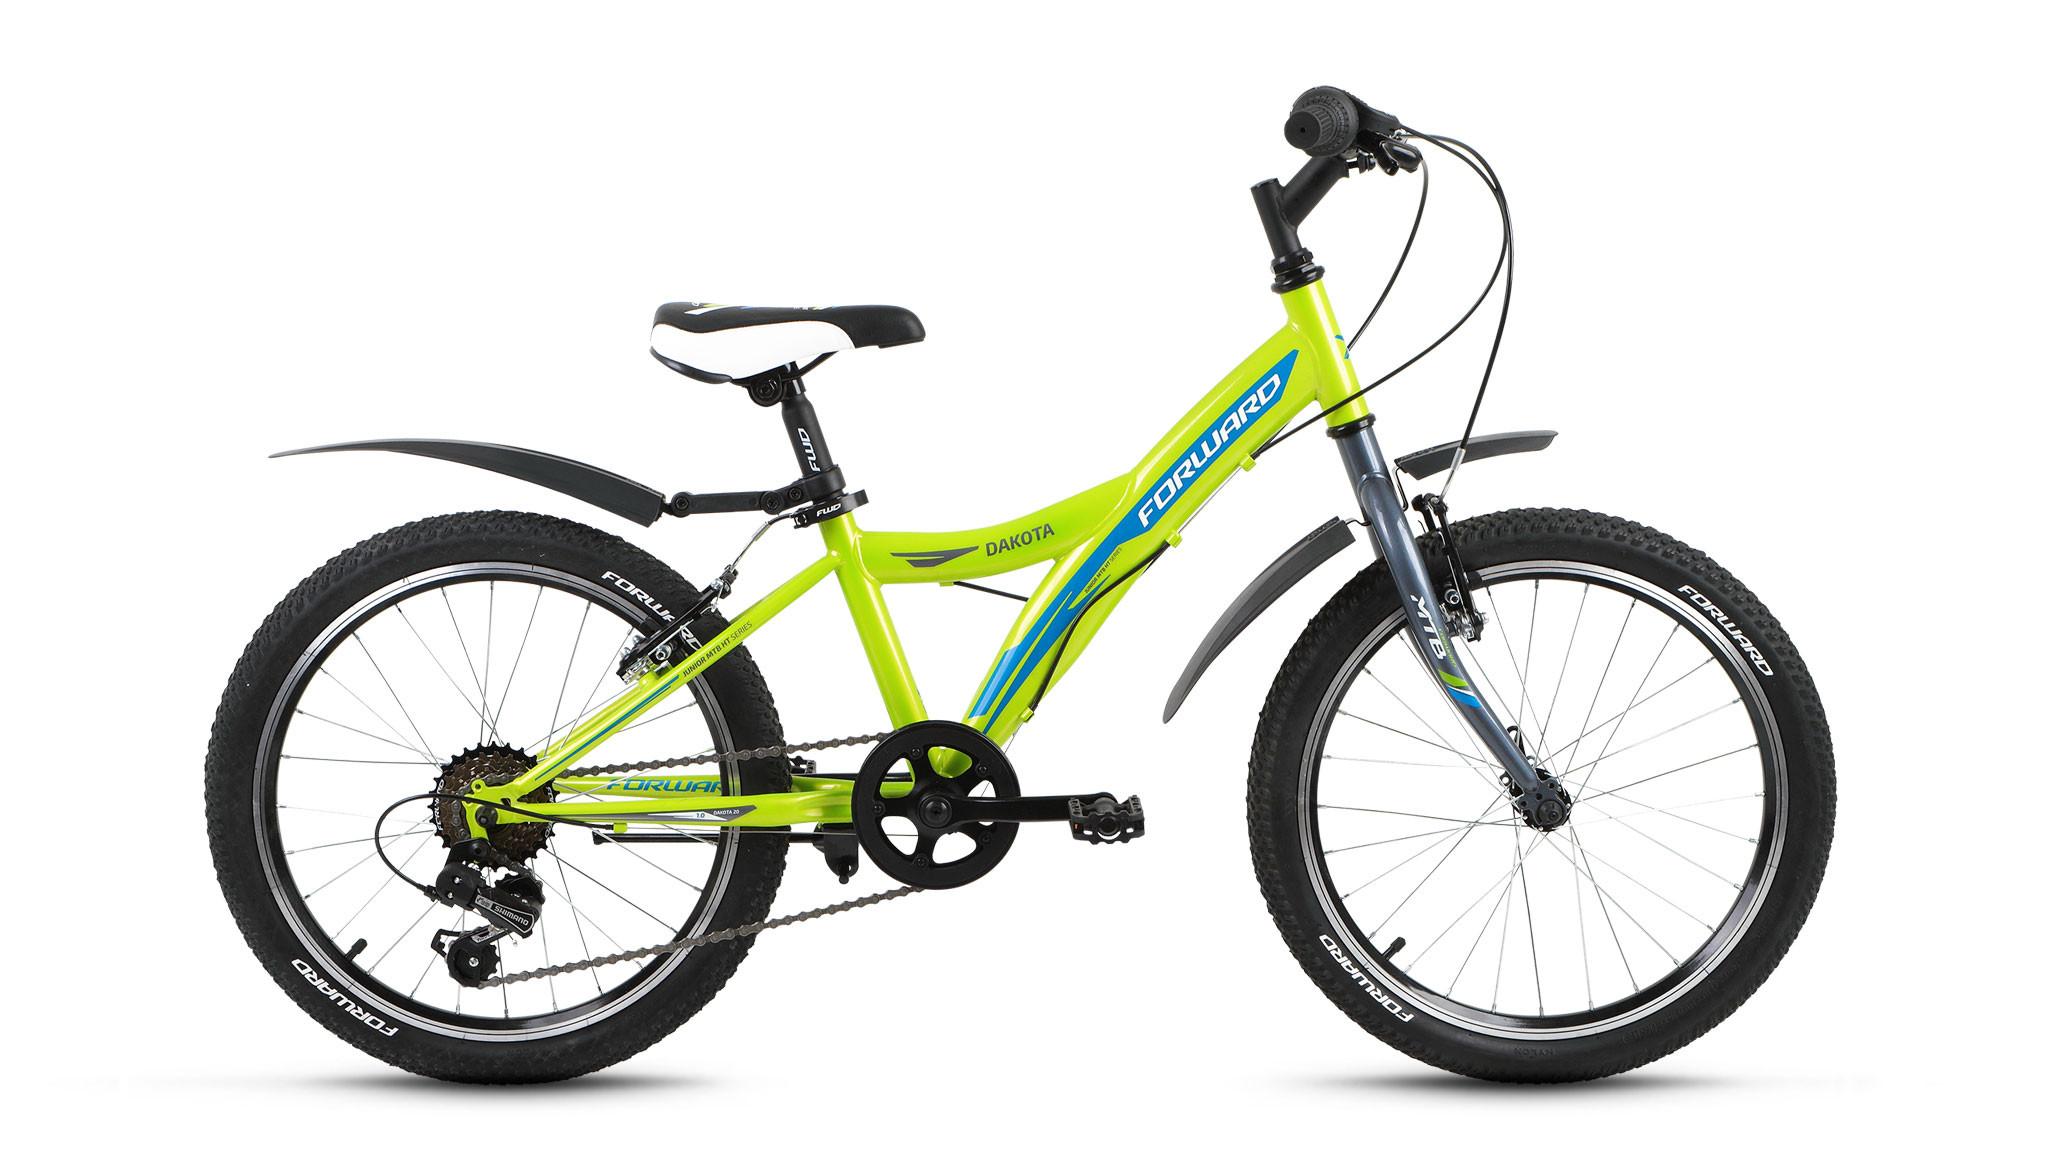 Детский велосипед Forward Dakota 1.0 2018 зеленый